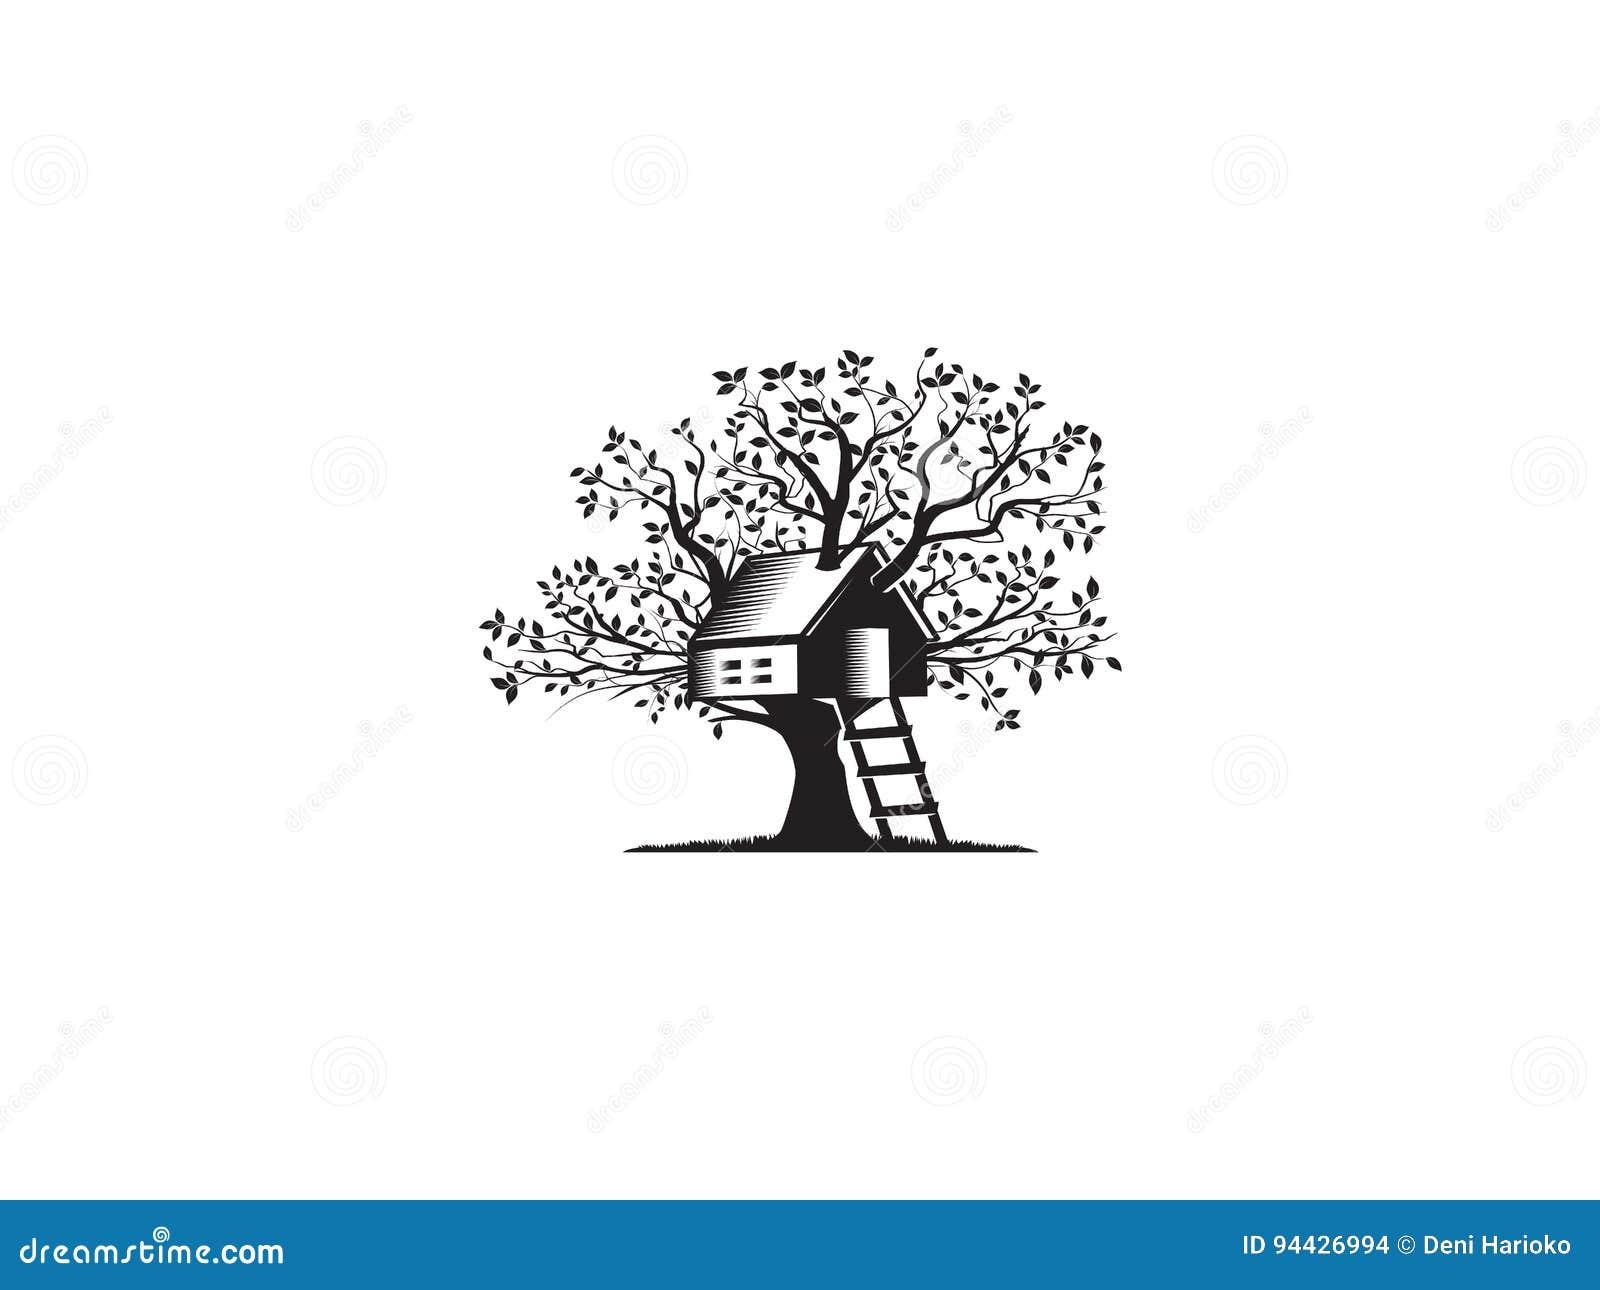 Casa sull'albero illustrazione vettoriale. Illustrazione ...